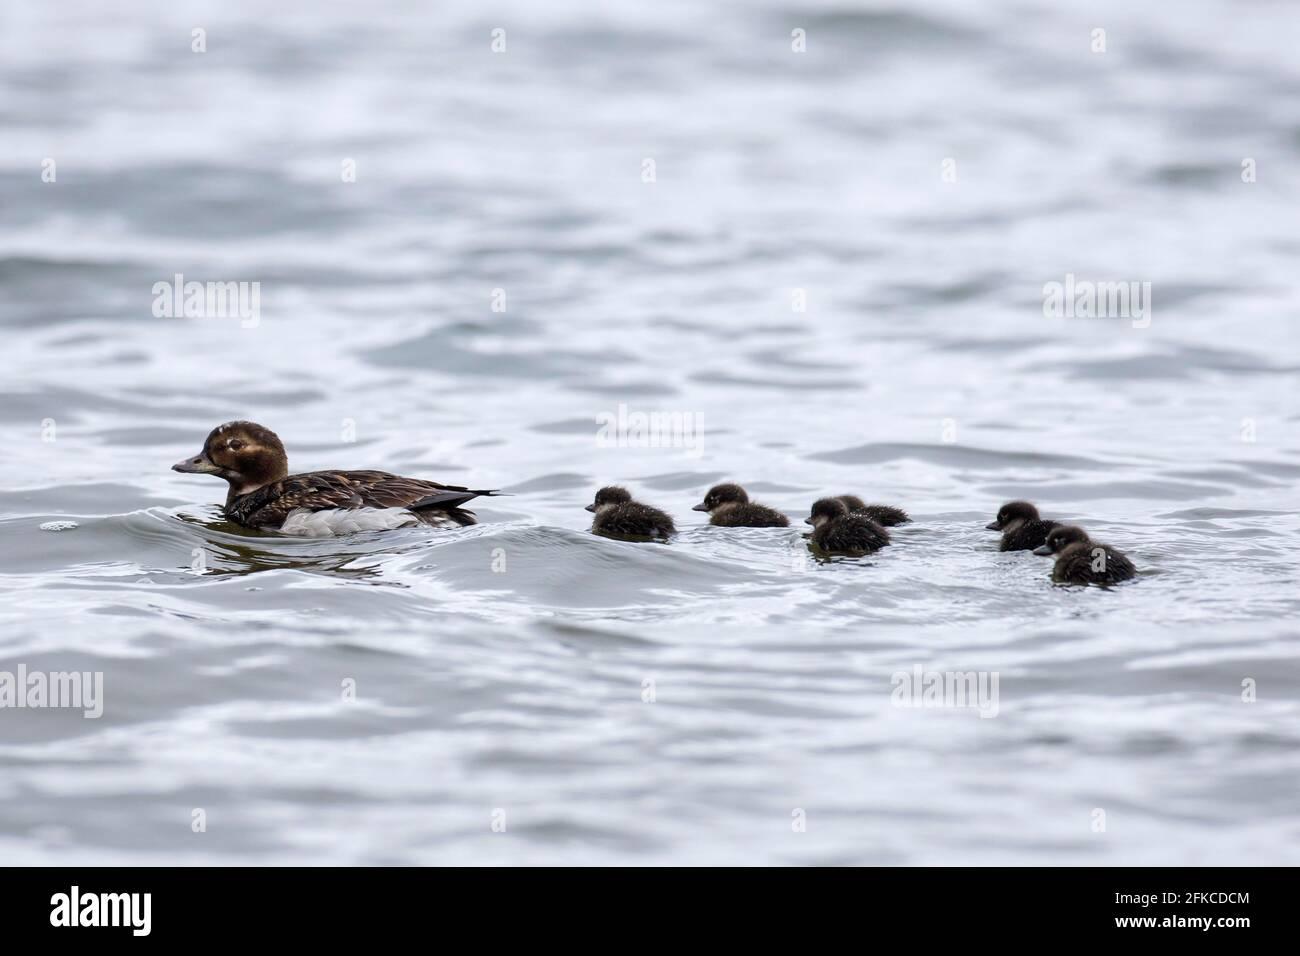 Canard à longue queue (Clangula hyemalis) femelle nageant en mer avec des canetons en été, Islande Banque D'Images